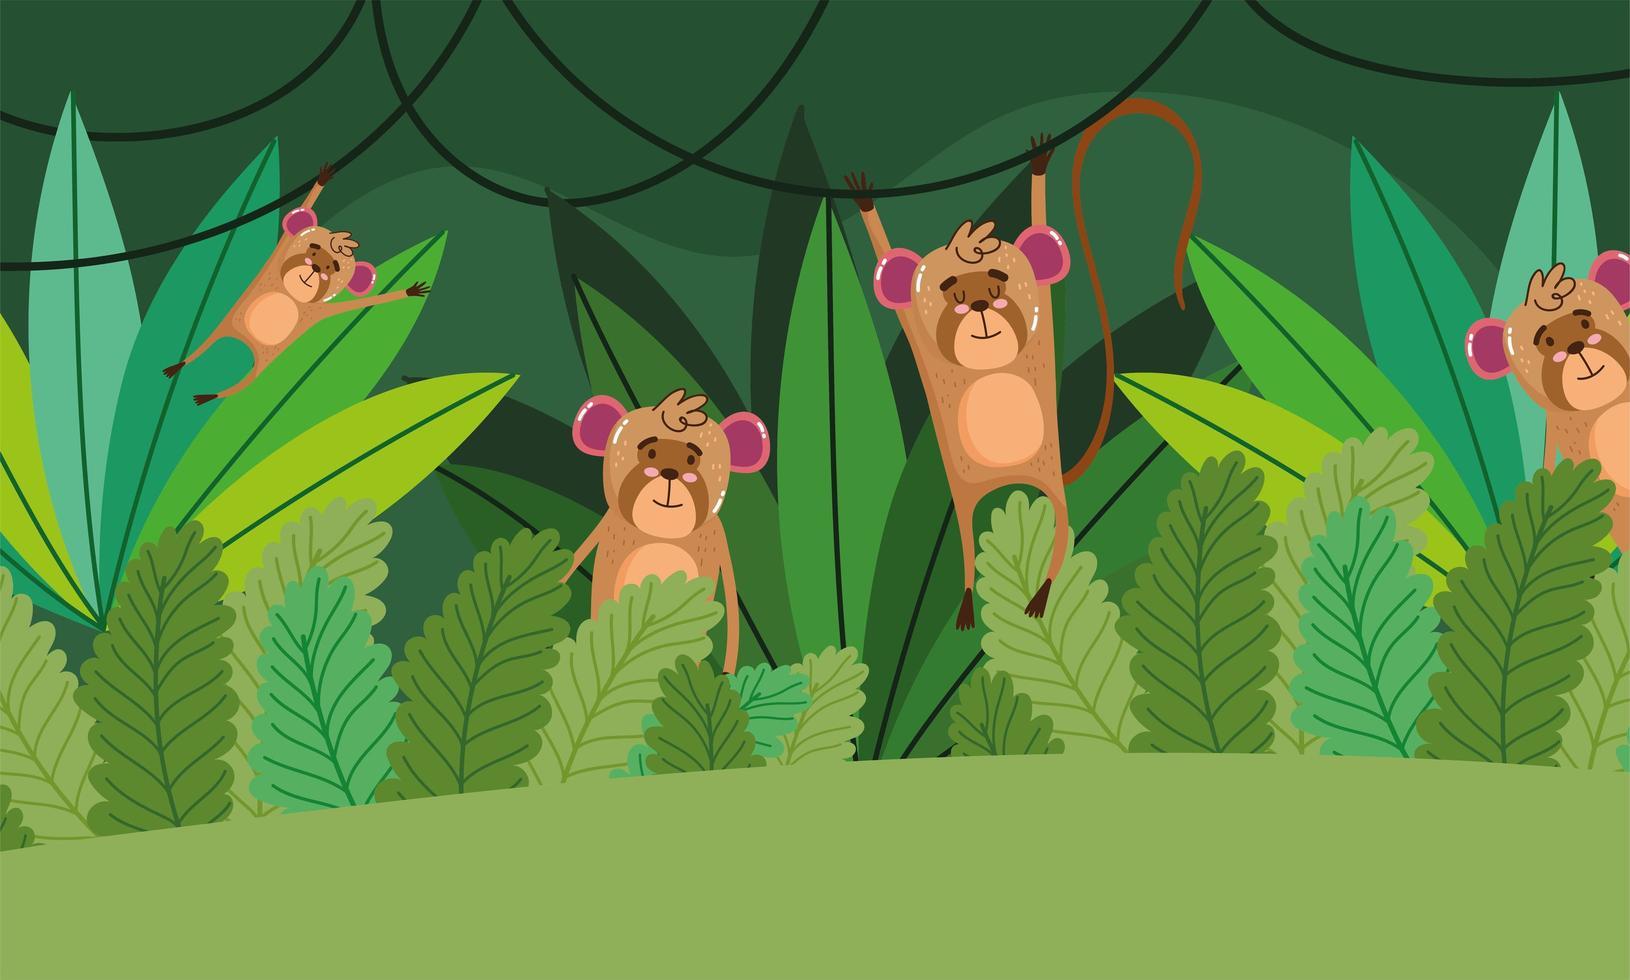 simpatiche scimmie sugli alberi. foresta natura selvaggia dei cartoni animati vettore